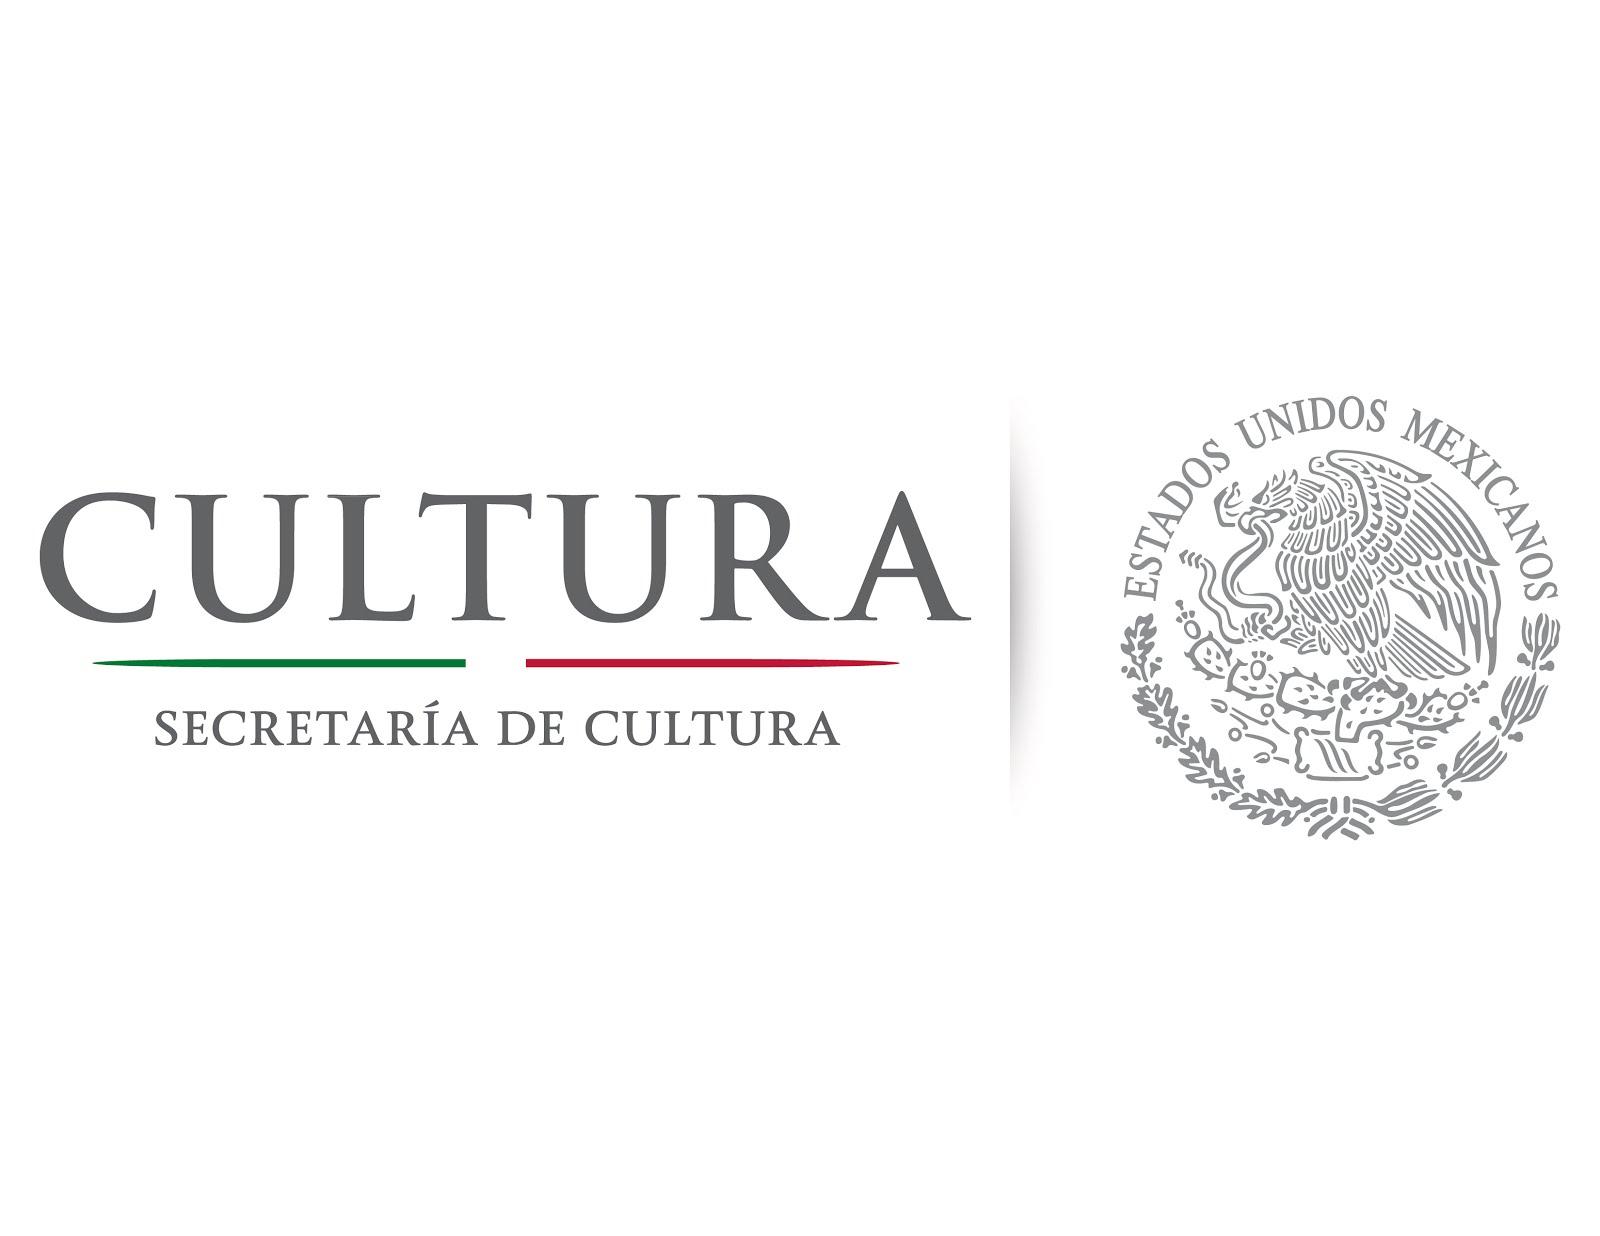 Proyecto apoyado por el Fondo Nacional para la Cultura y las Artes